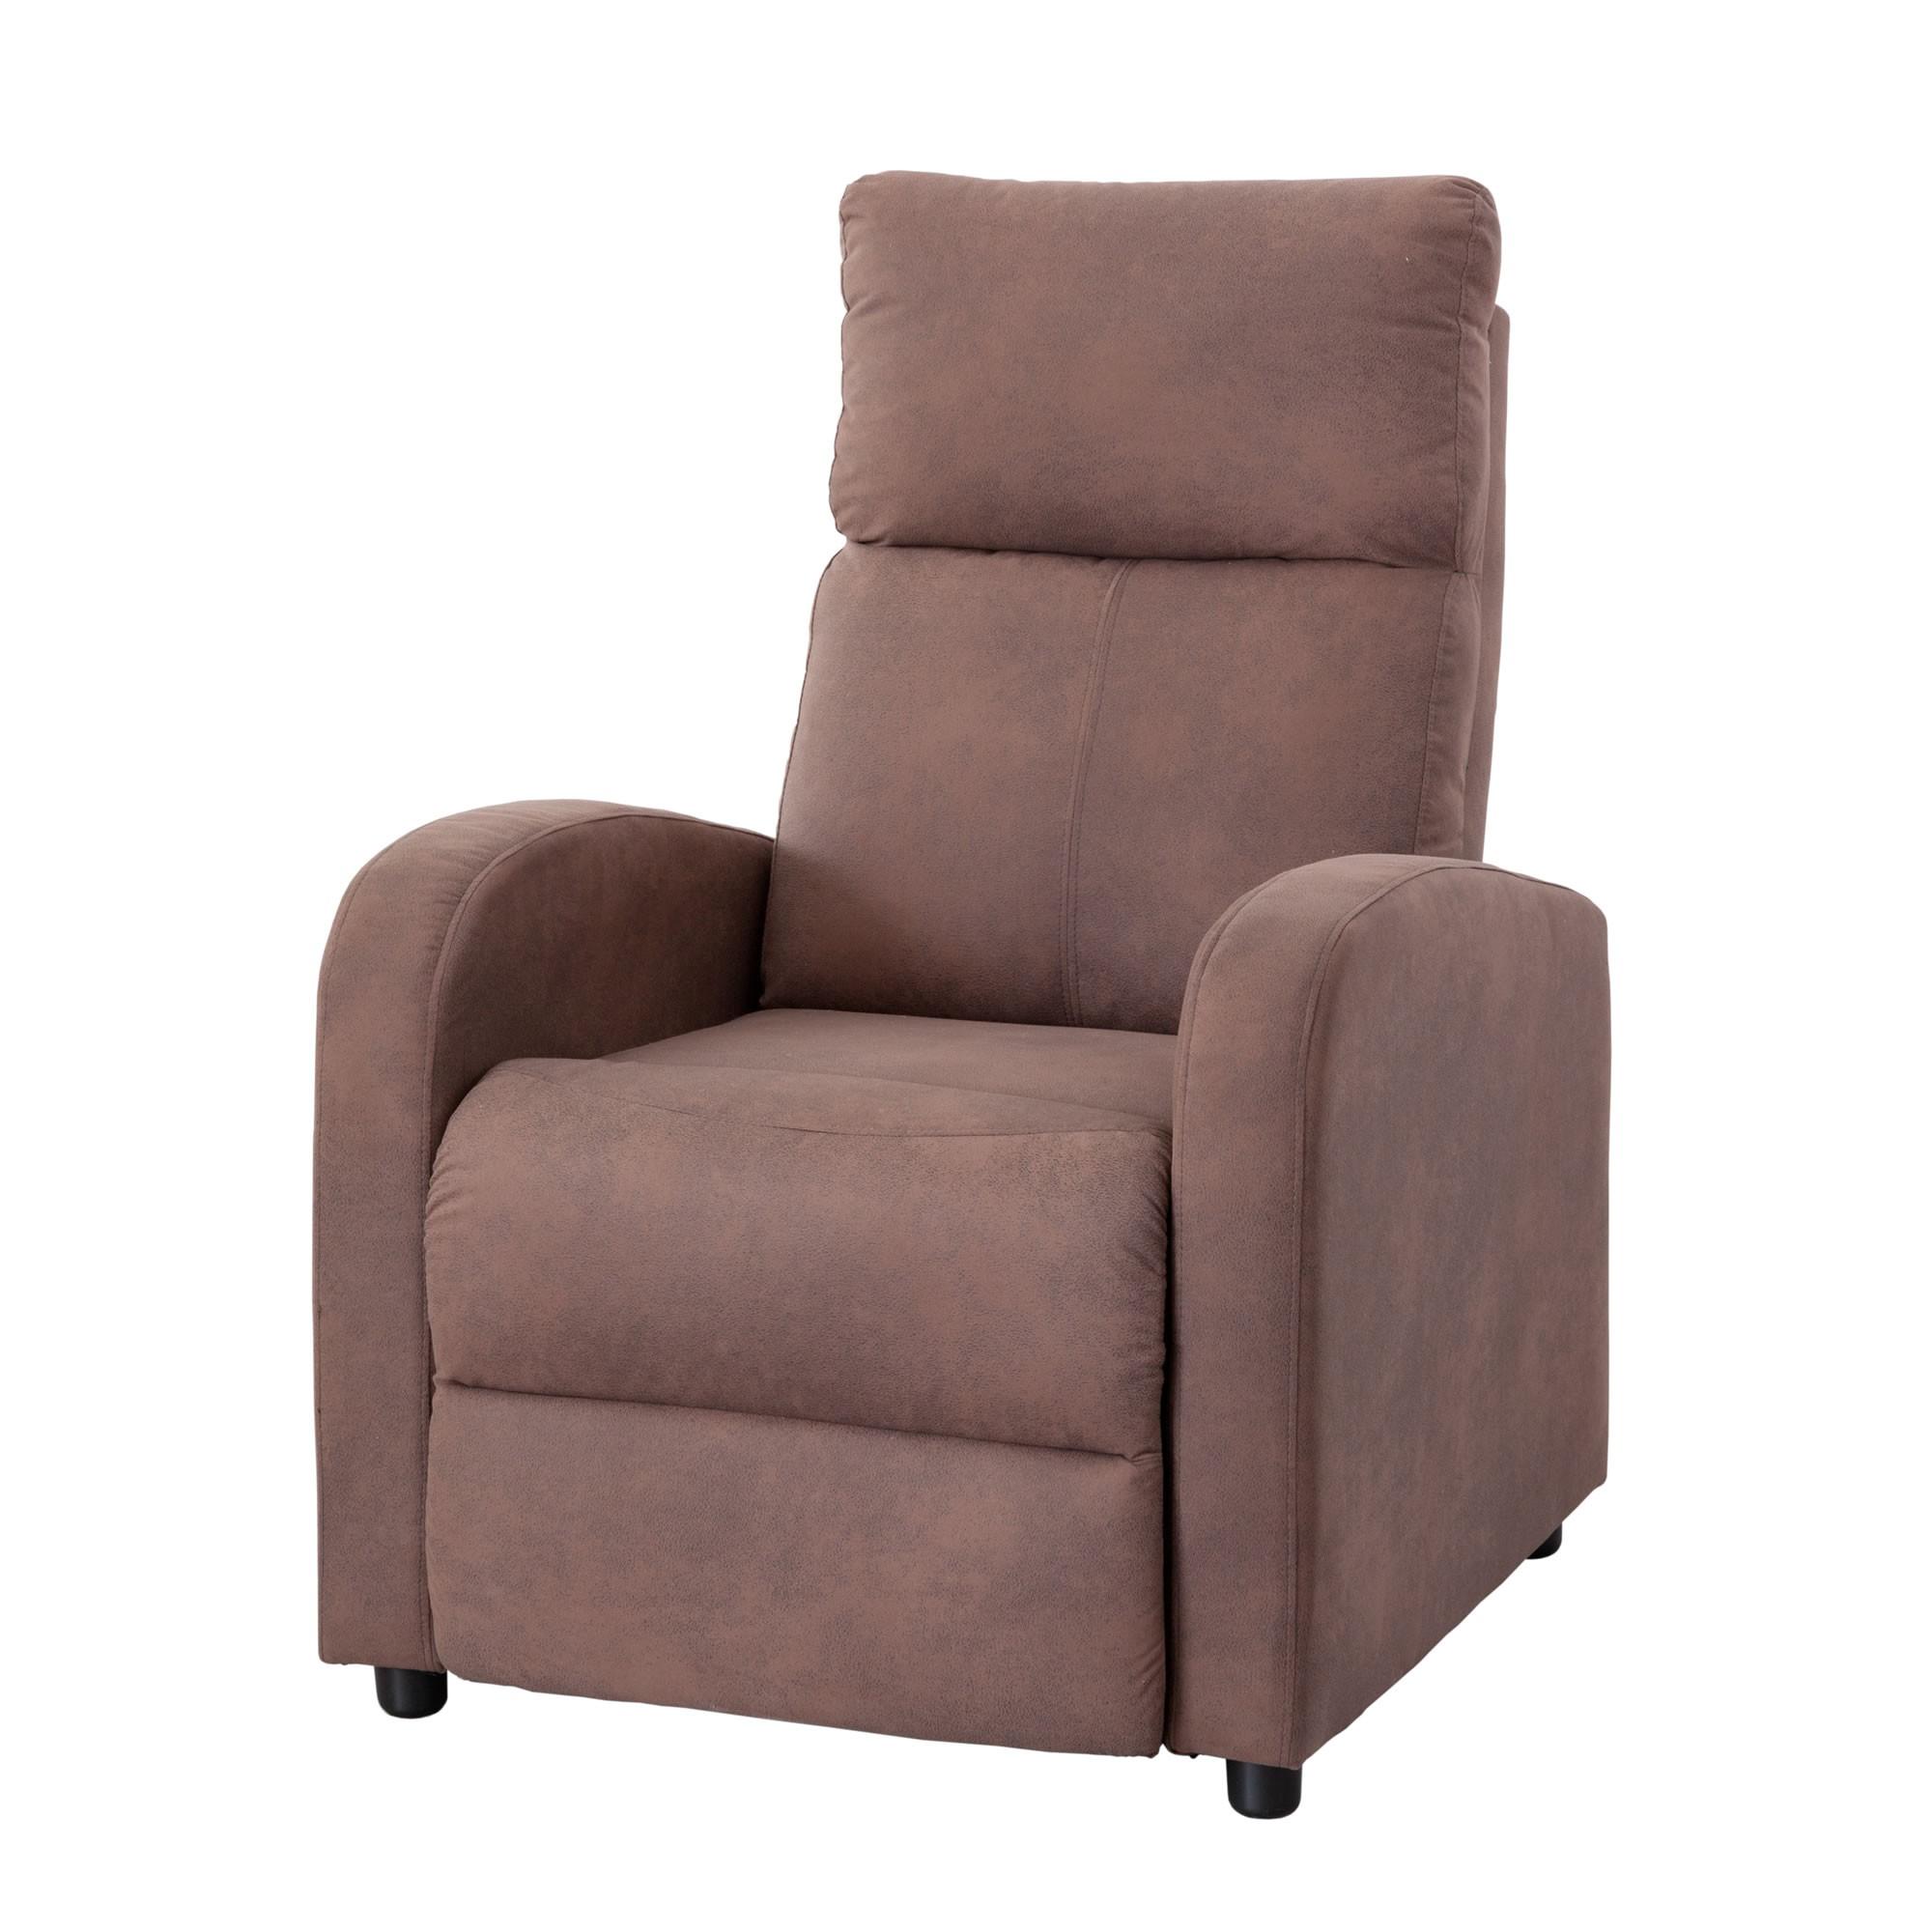 Sillones online excellent venta online de sillas y for Sillones para el hogar